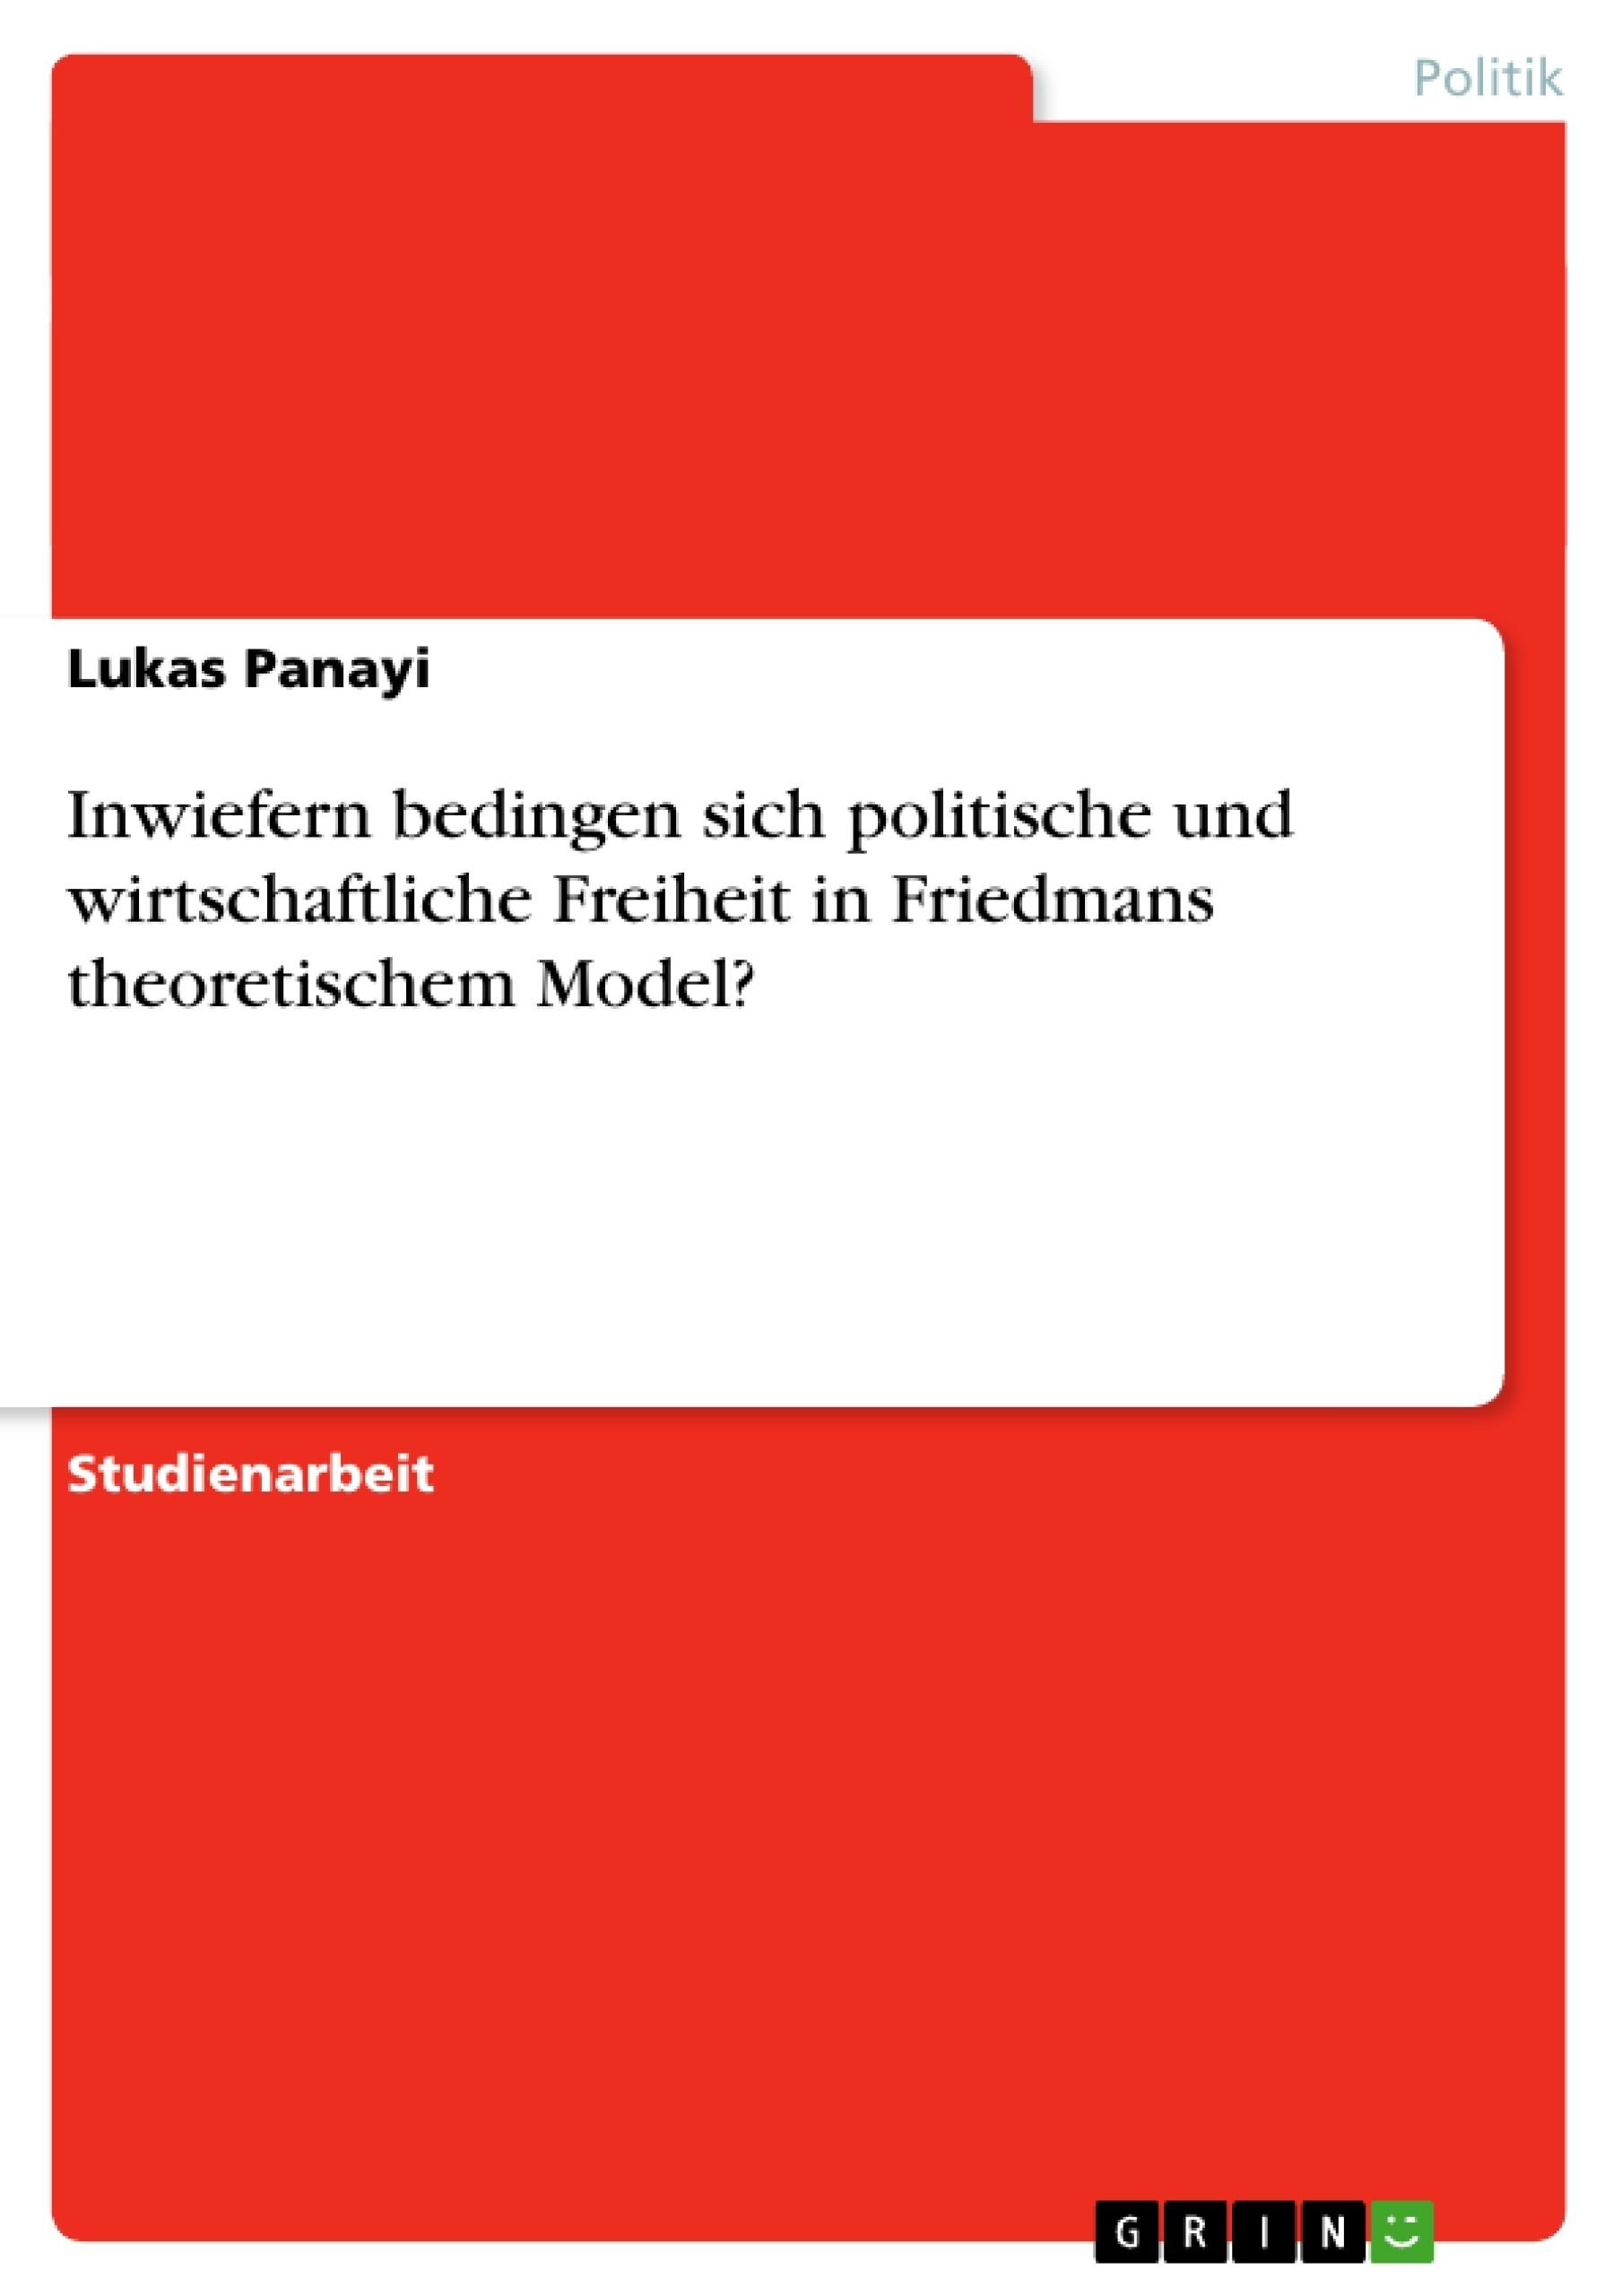 Titel: Inwiefern bedingen sich politische und wirtschaftliche Freiheit in Friedmans theoretischem Model?